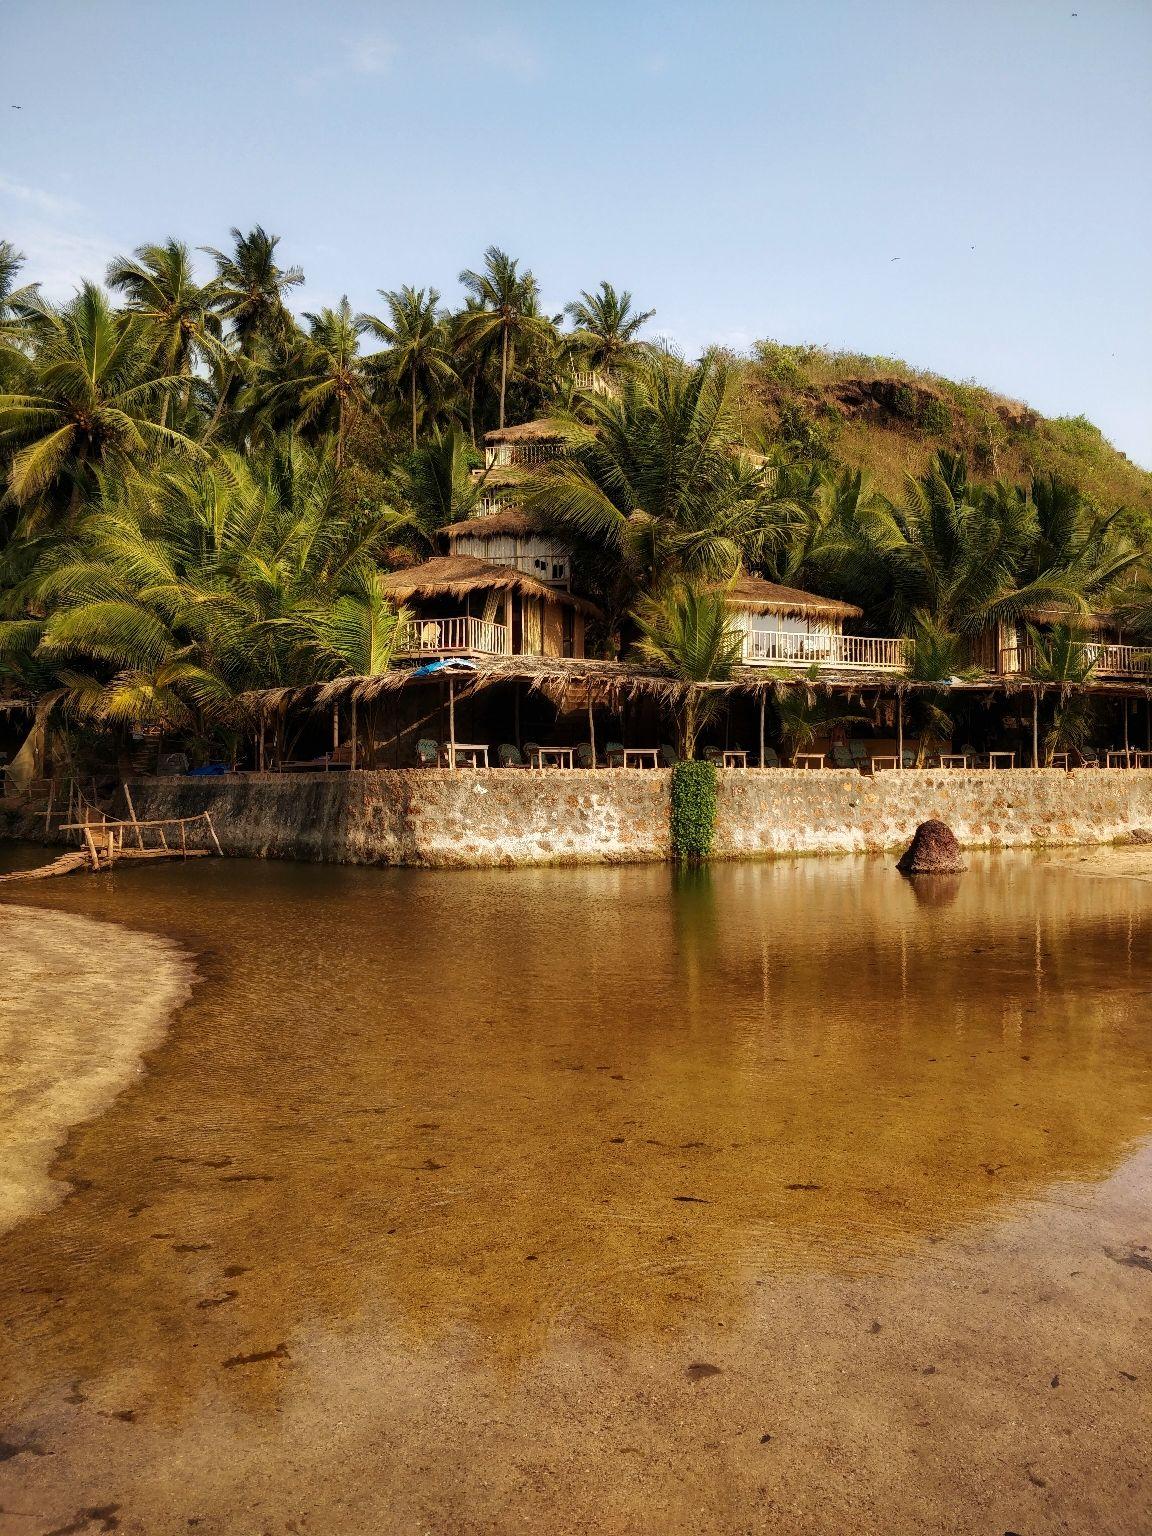 Photo of Goa By Pabish Kumar